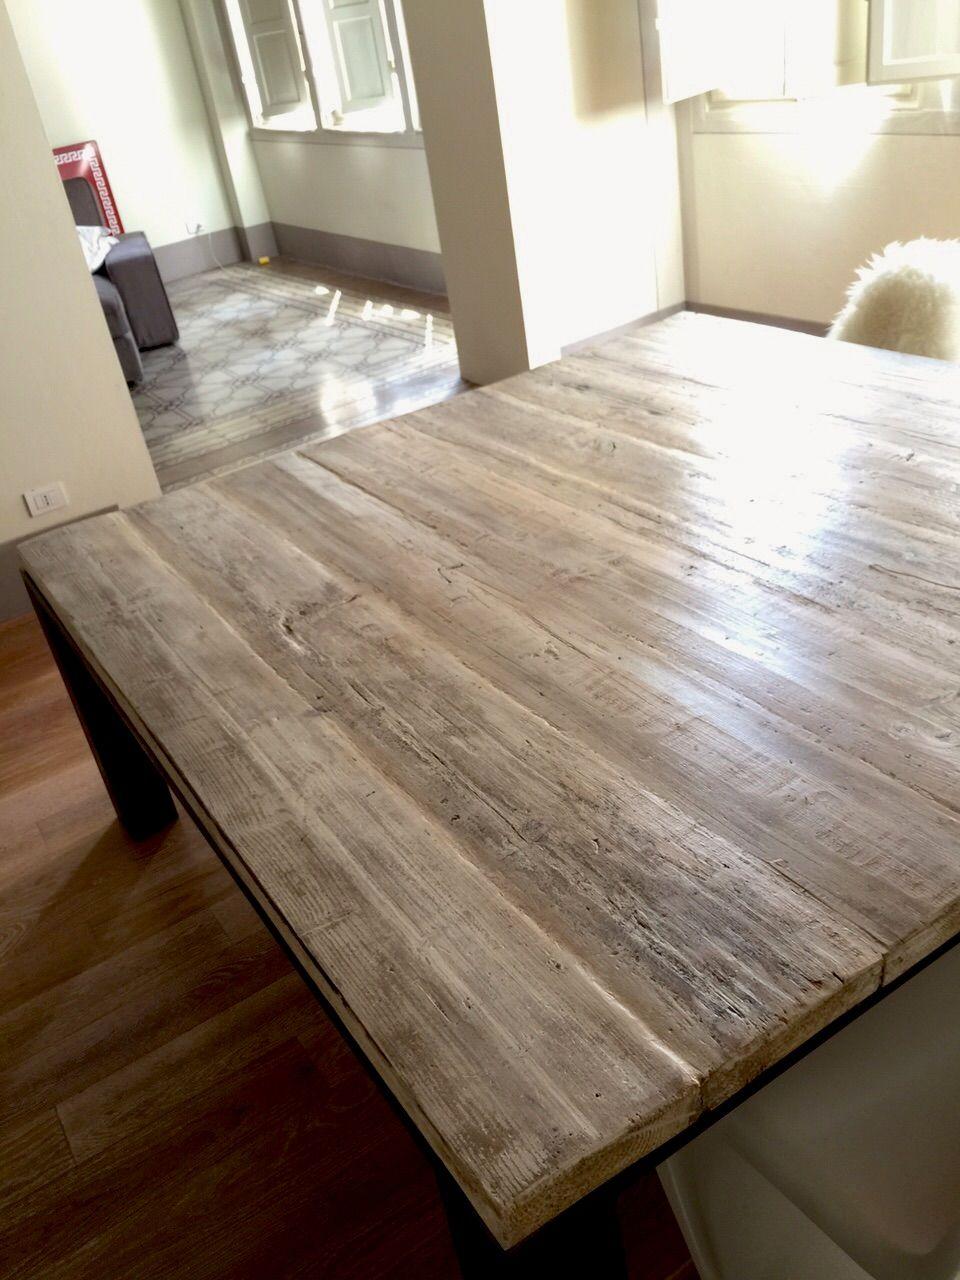 Tavolo industriale creato con longherine in ferro grezzo - Tavole da ponteggio usate ...